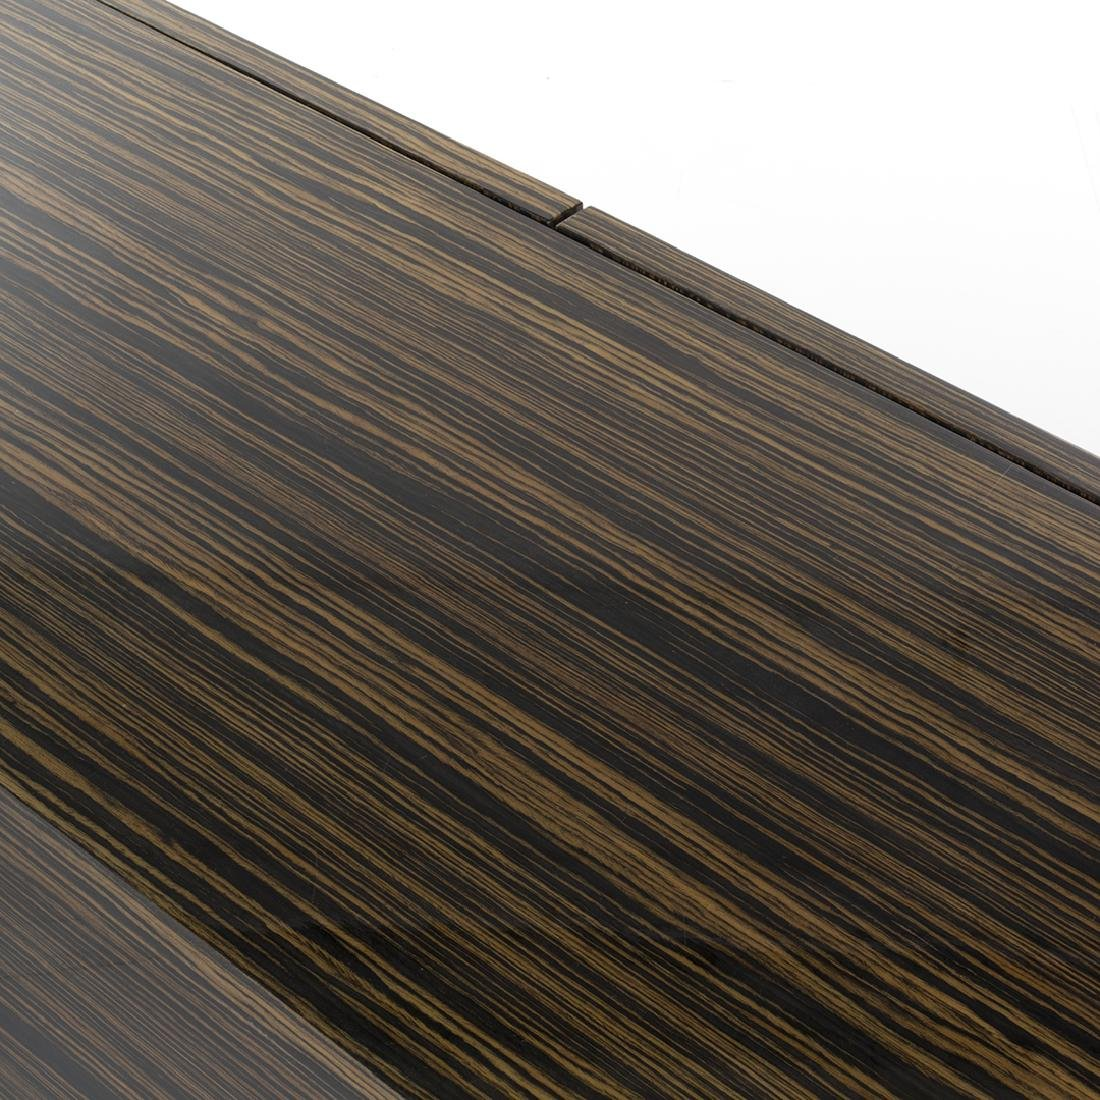 Zebra Wood Credenza - 5